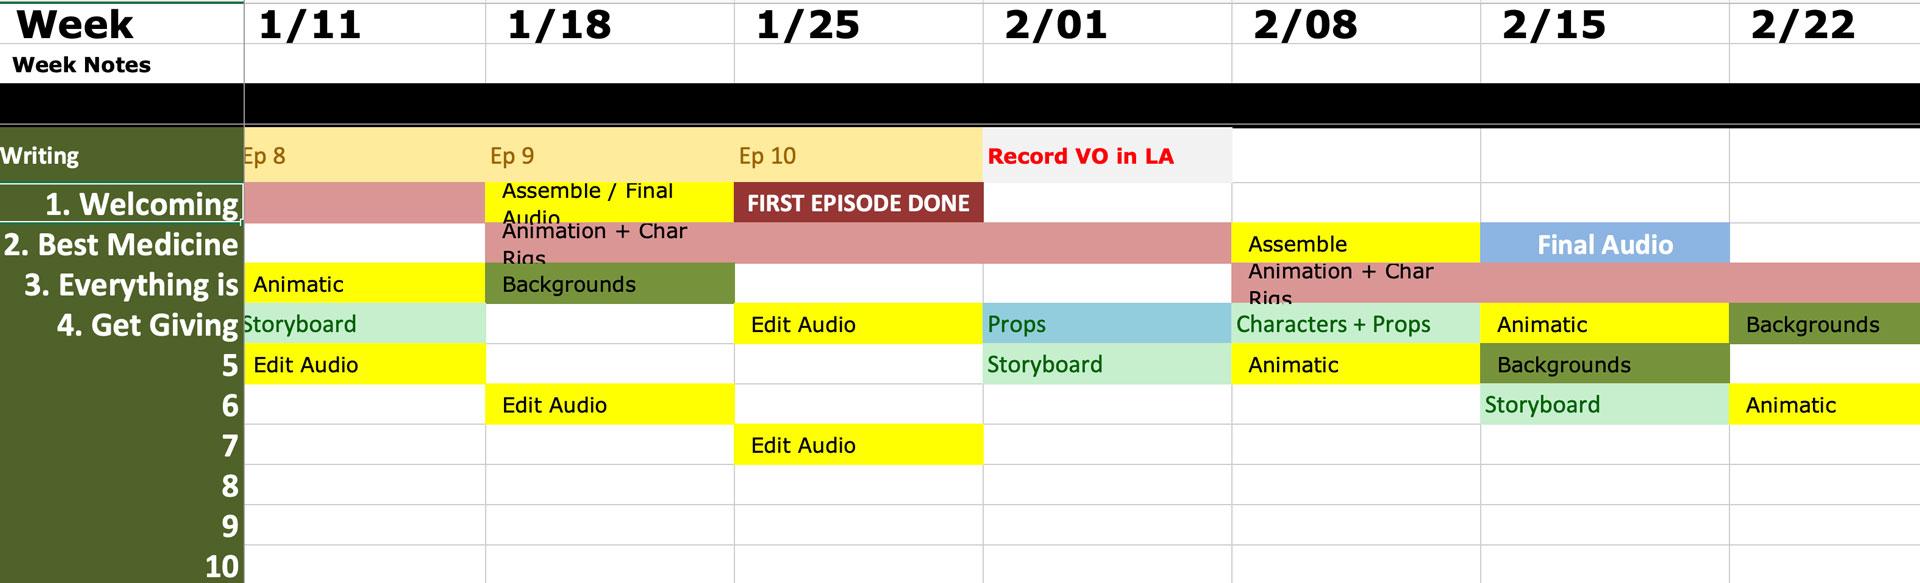 Zoom in of part of full schedule